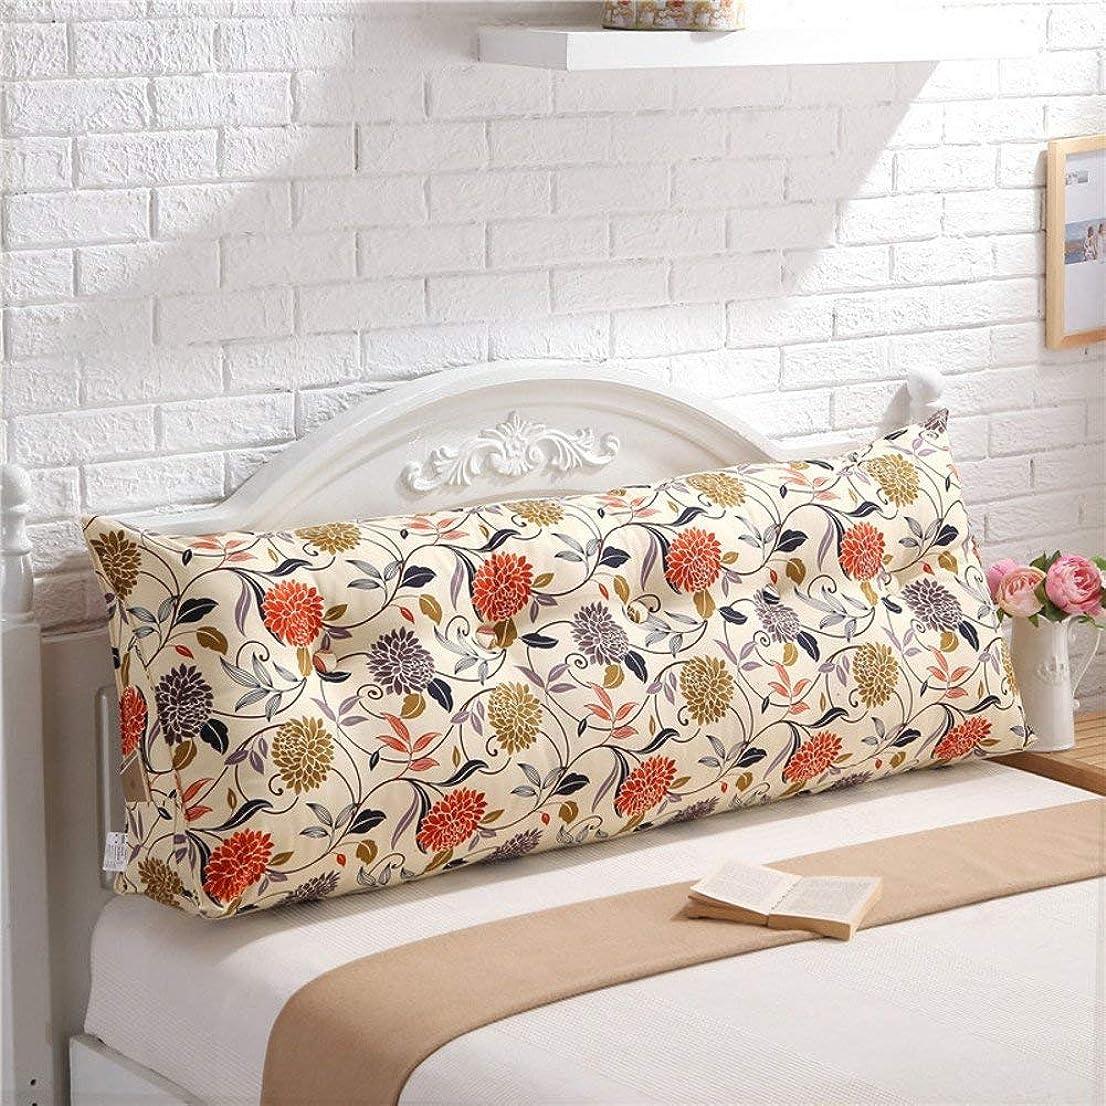 ホバート北米タクシーJIANHEADS ベッドサイド三角くさび読書枕、背もたれクッションマットクッション取り外し可能背もたれポジショニングサポート枕 (Color : H, サイズ : 200x20x50cm(79x8x20inch))